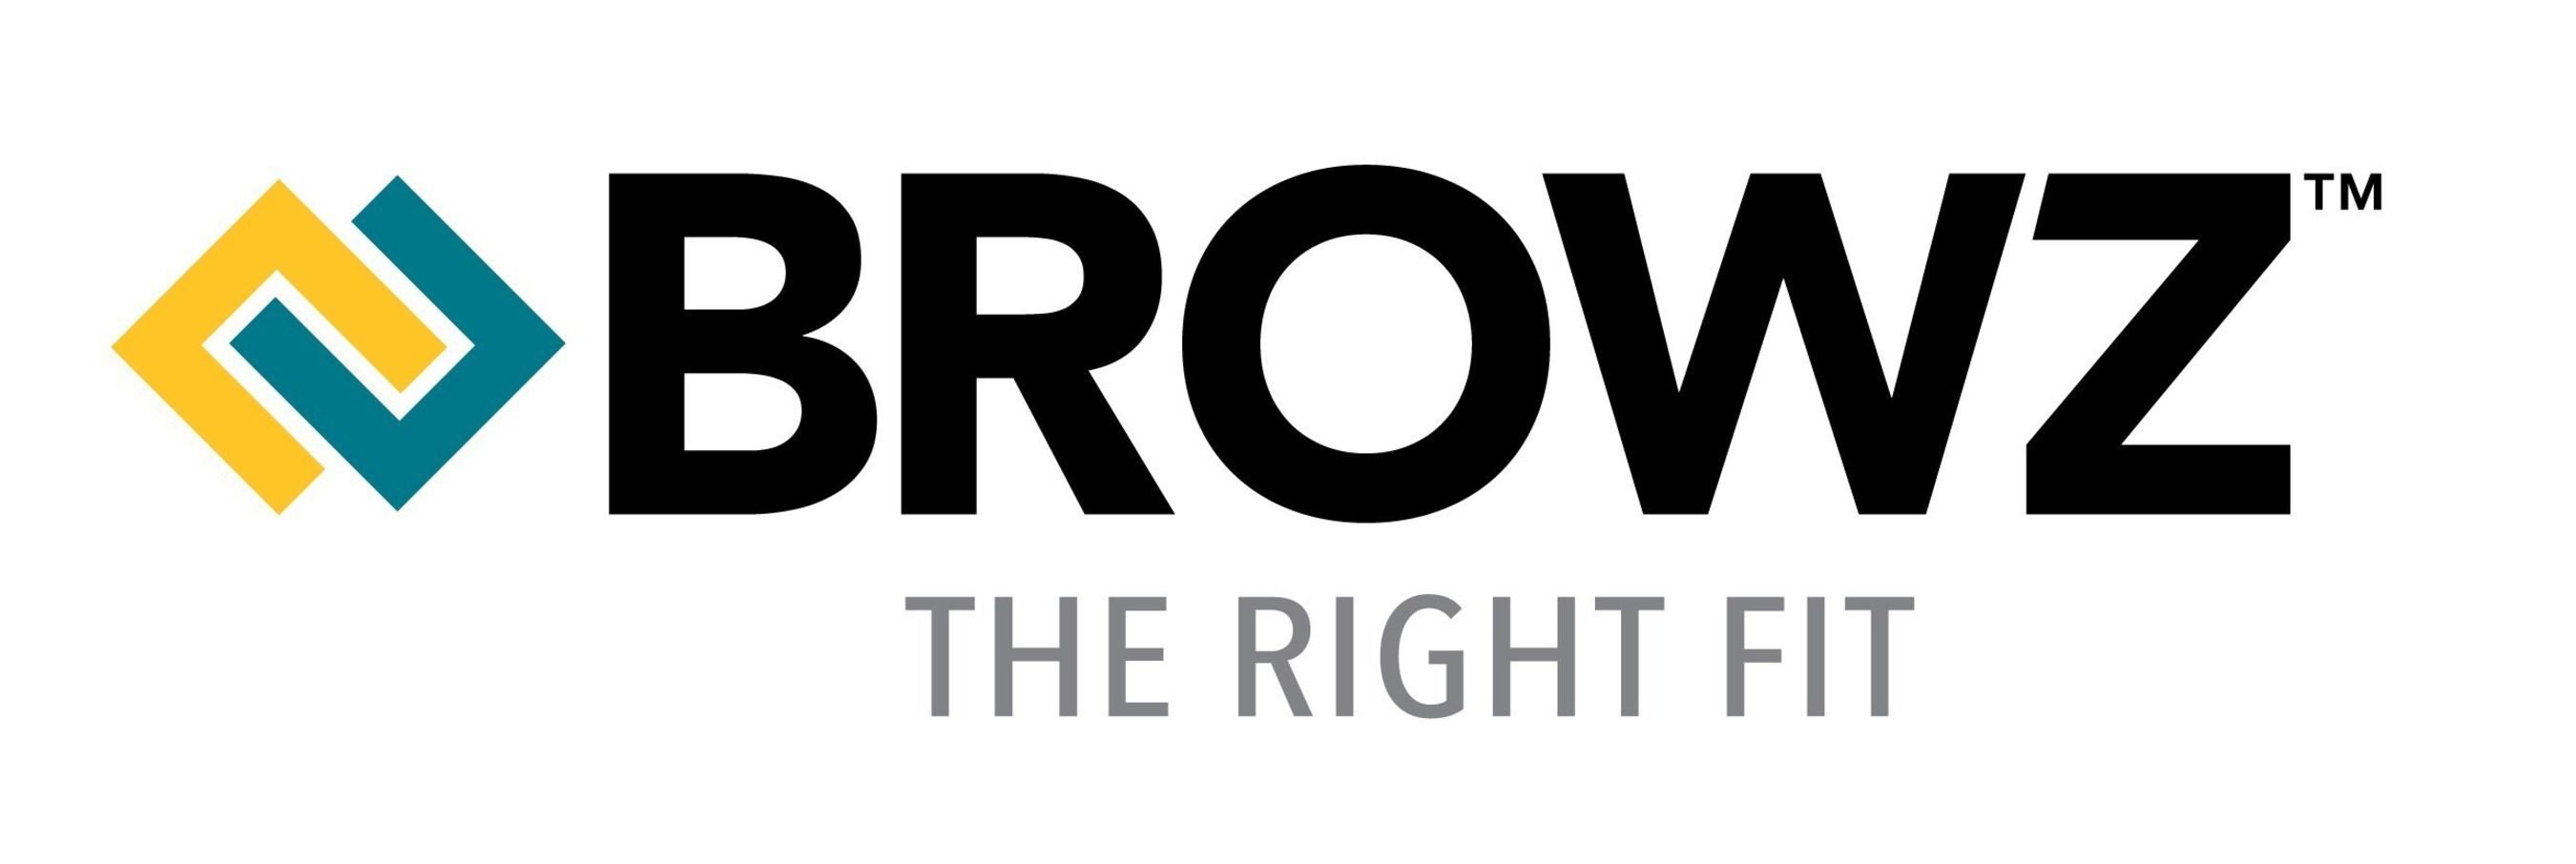 BROWZ präsentiert mobile App für Lieferanten & Auftragnehmer